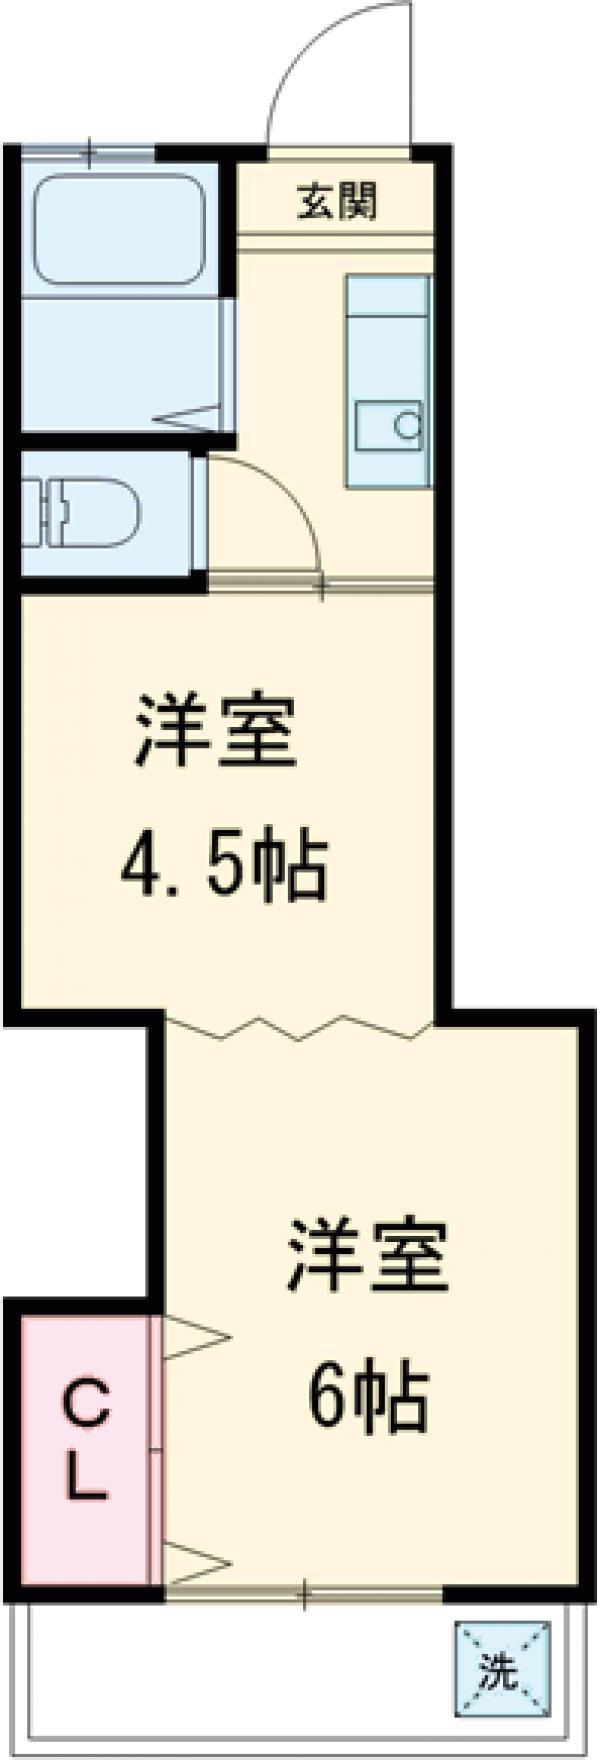 桜井ハイツ・2-C号室の間取り